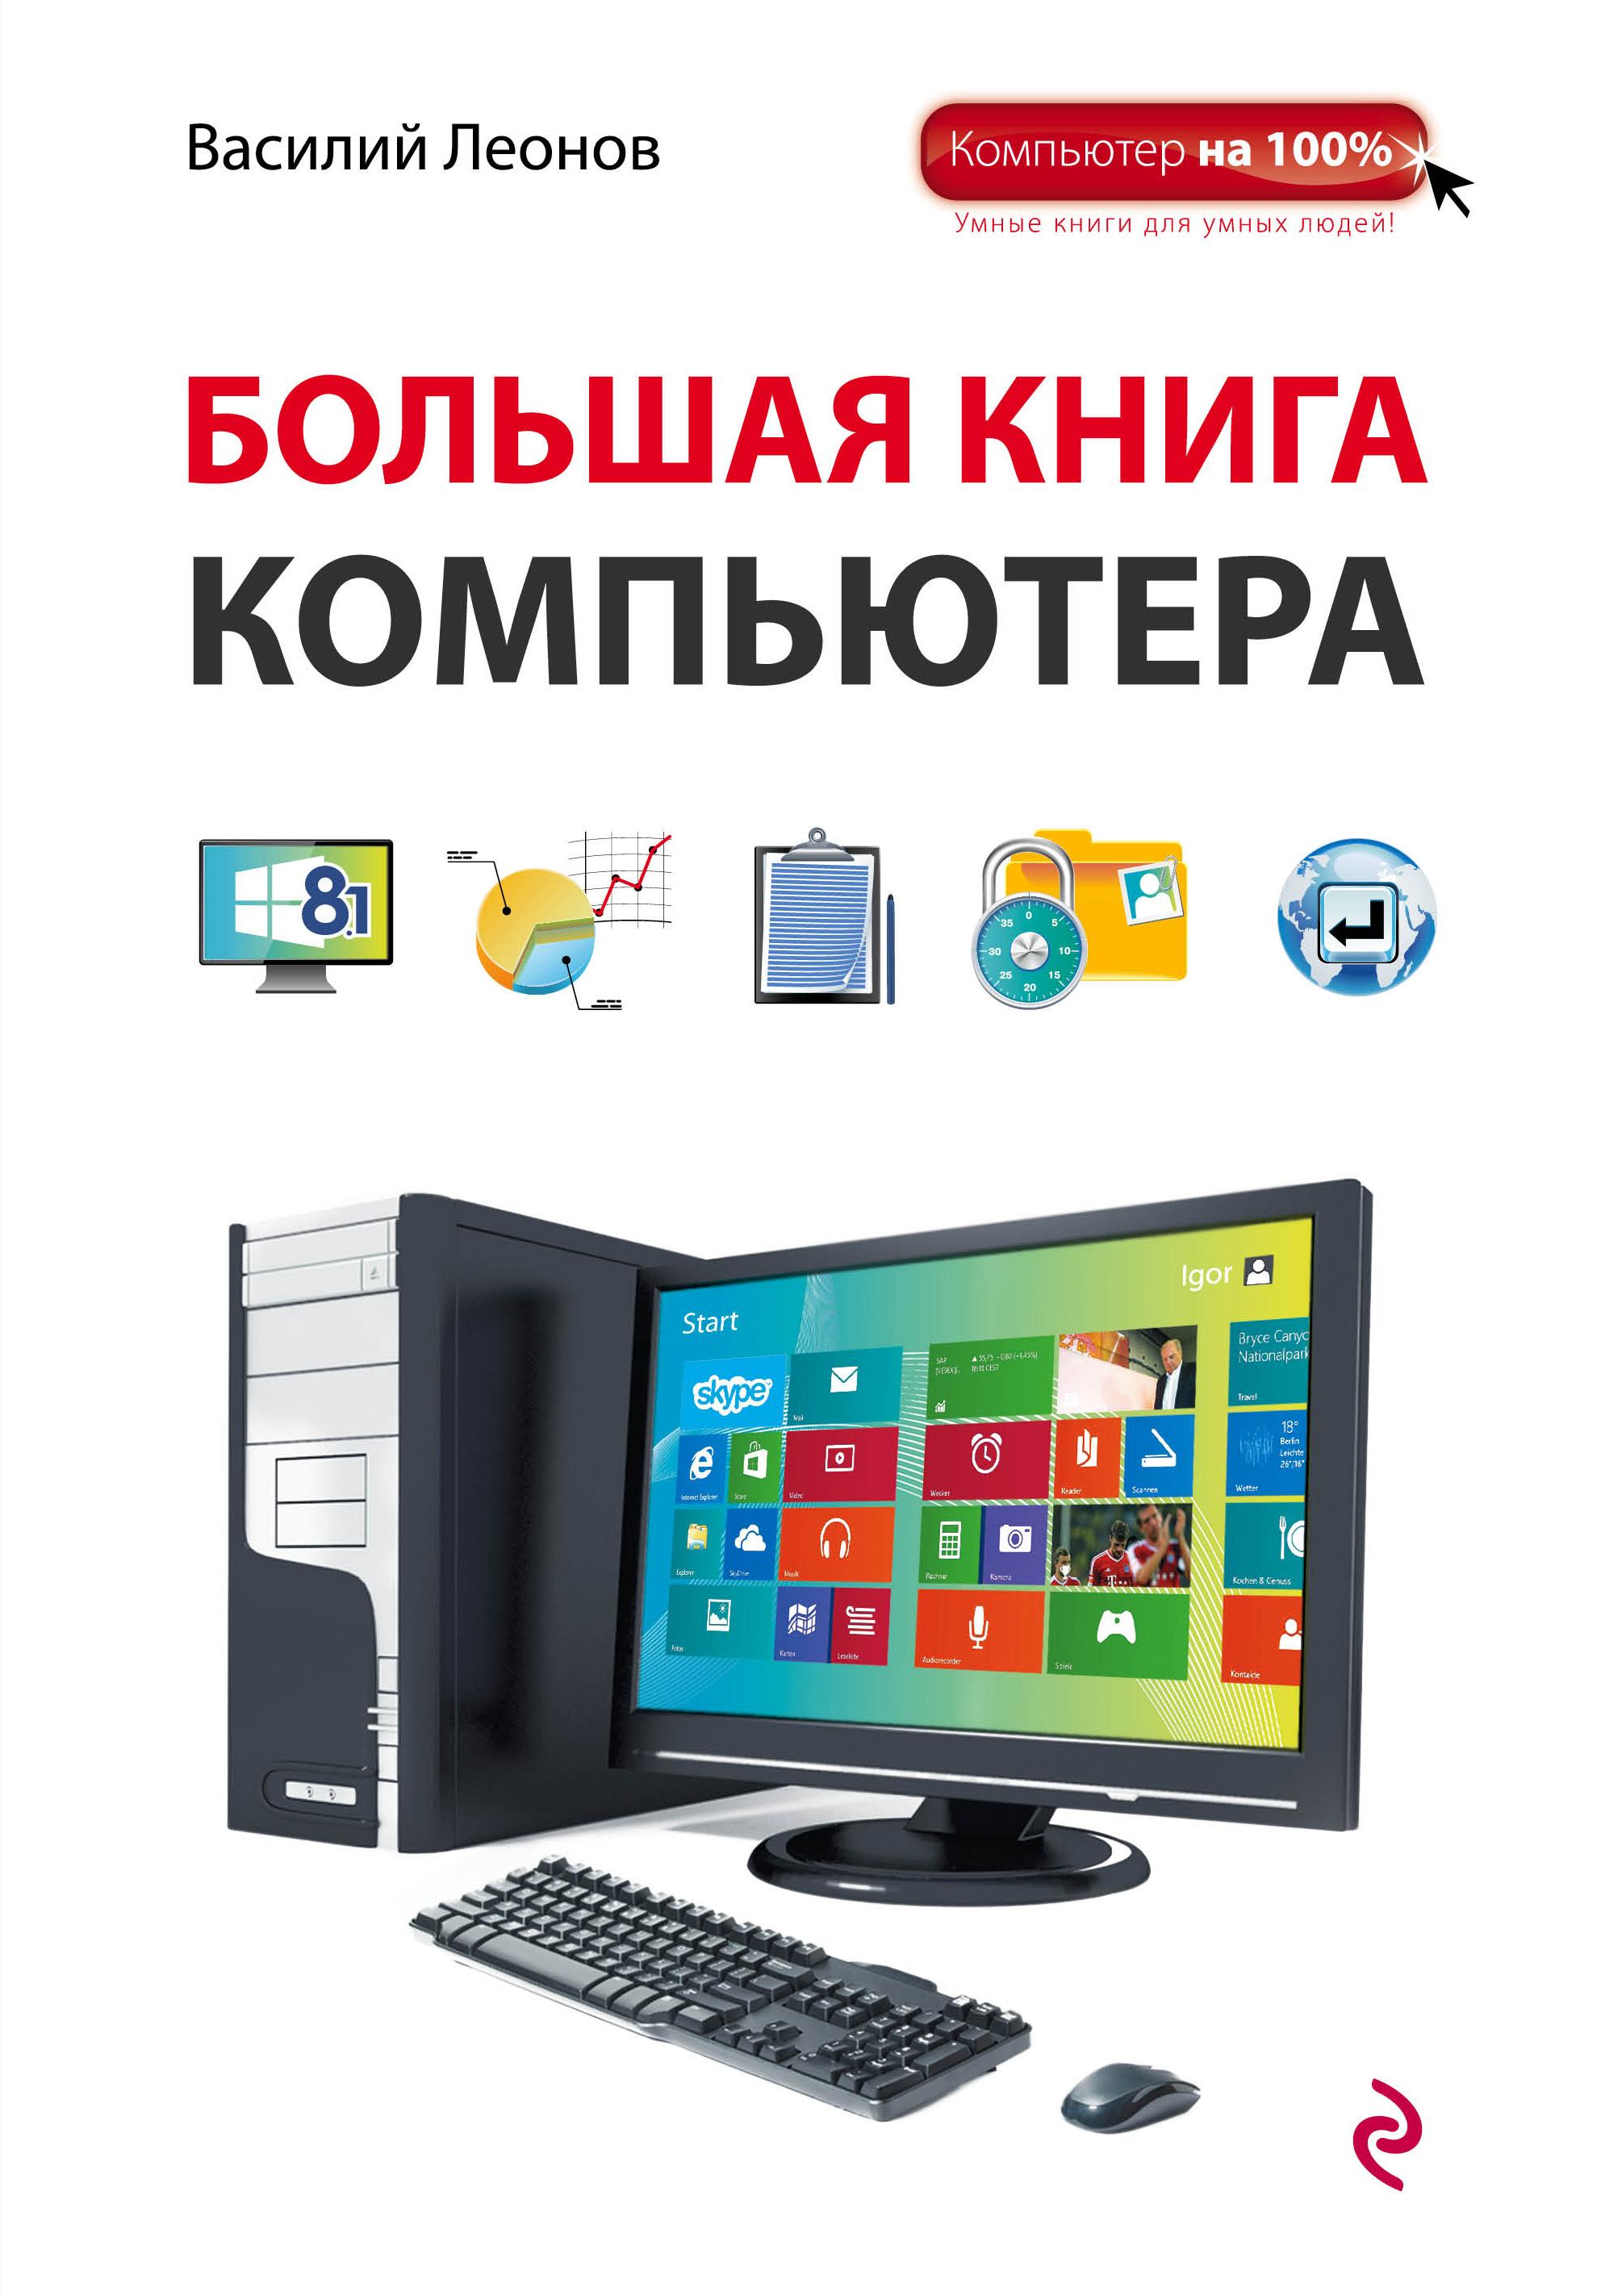 Леонов В. Большая книга Компьютера леонов в большая книга компьютера